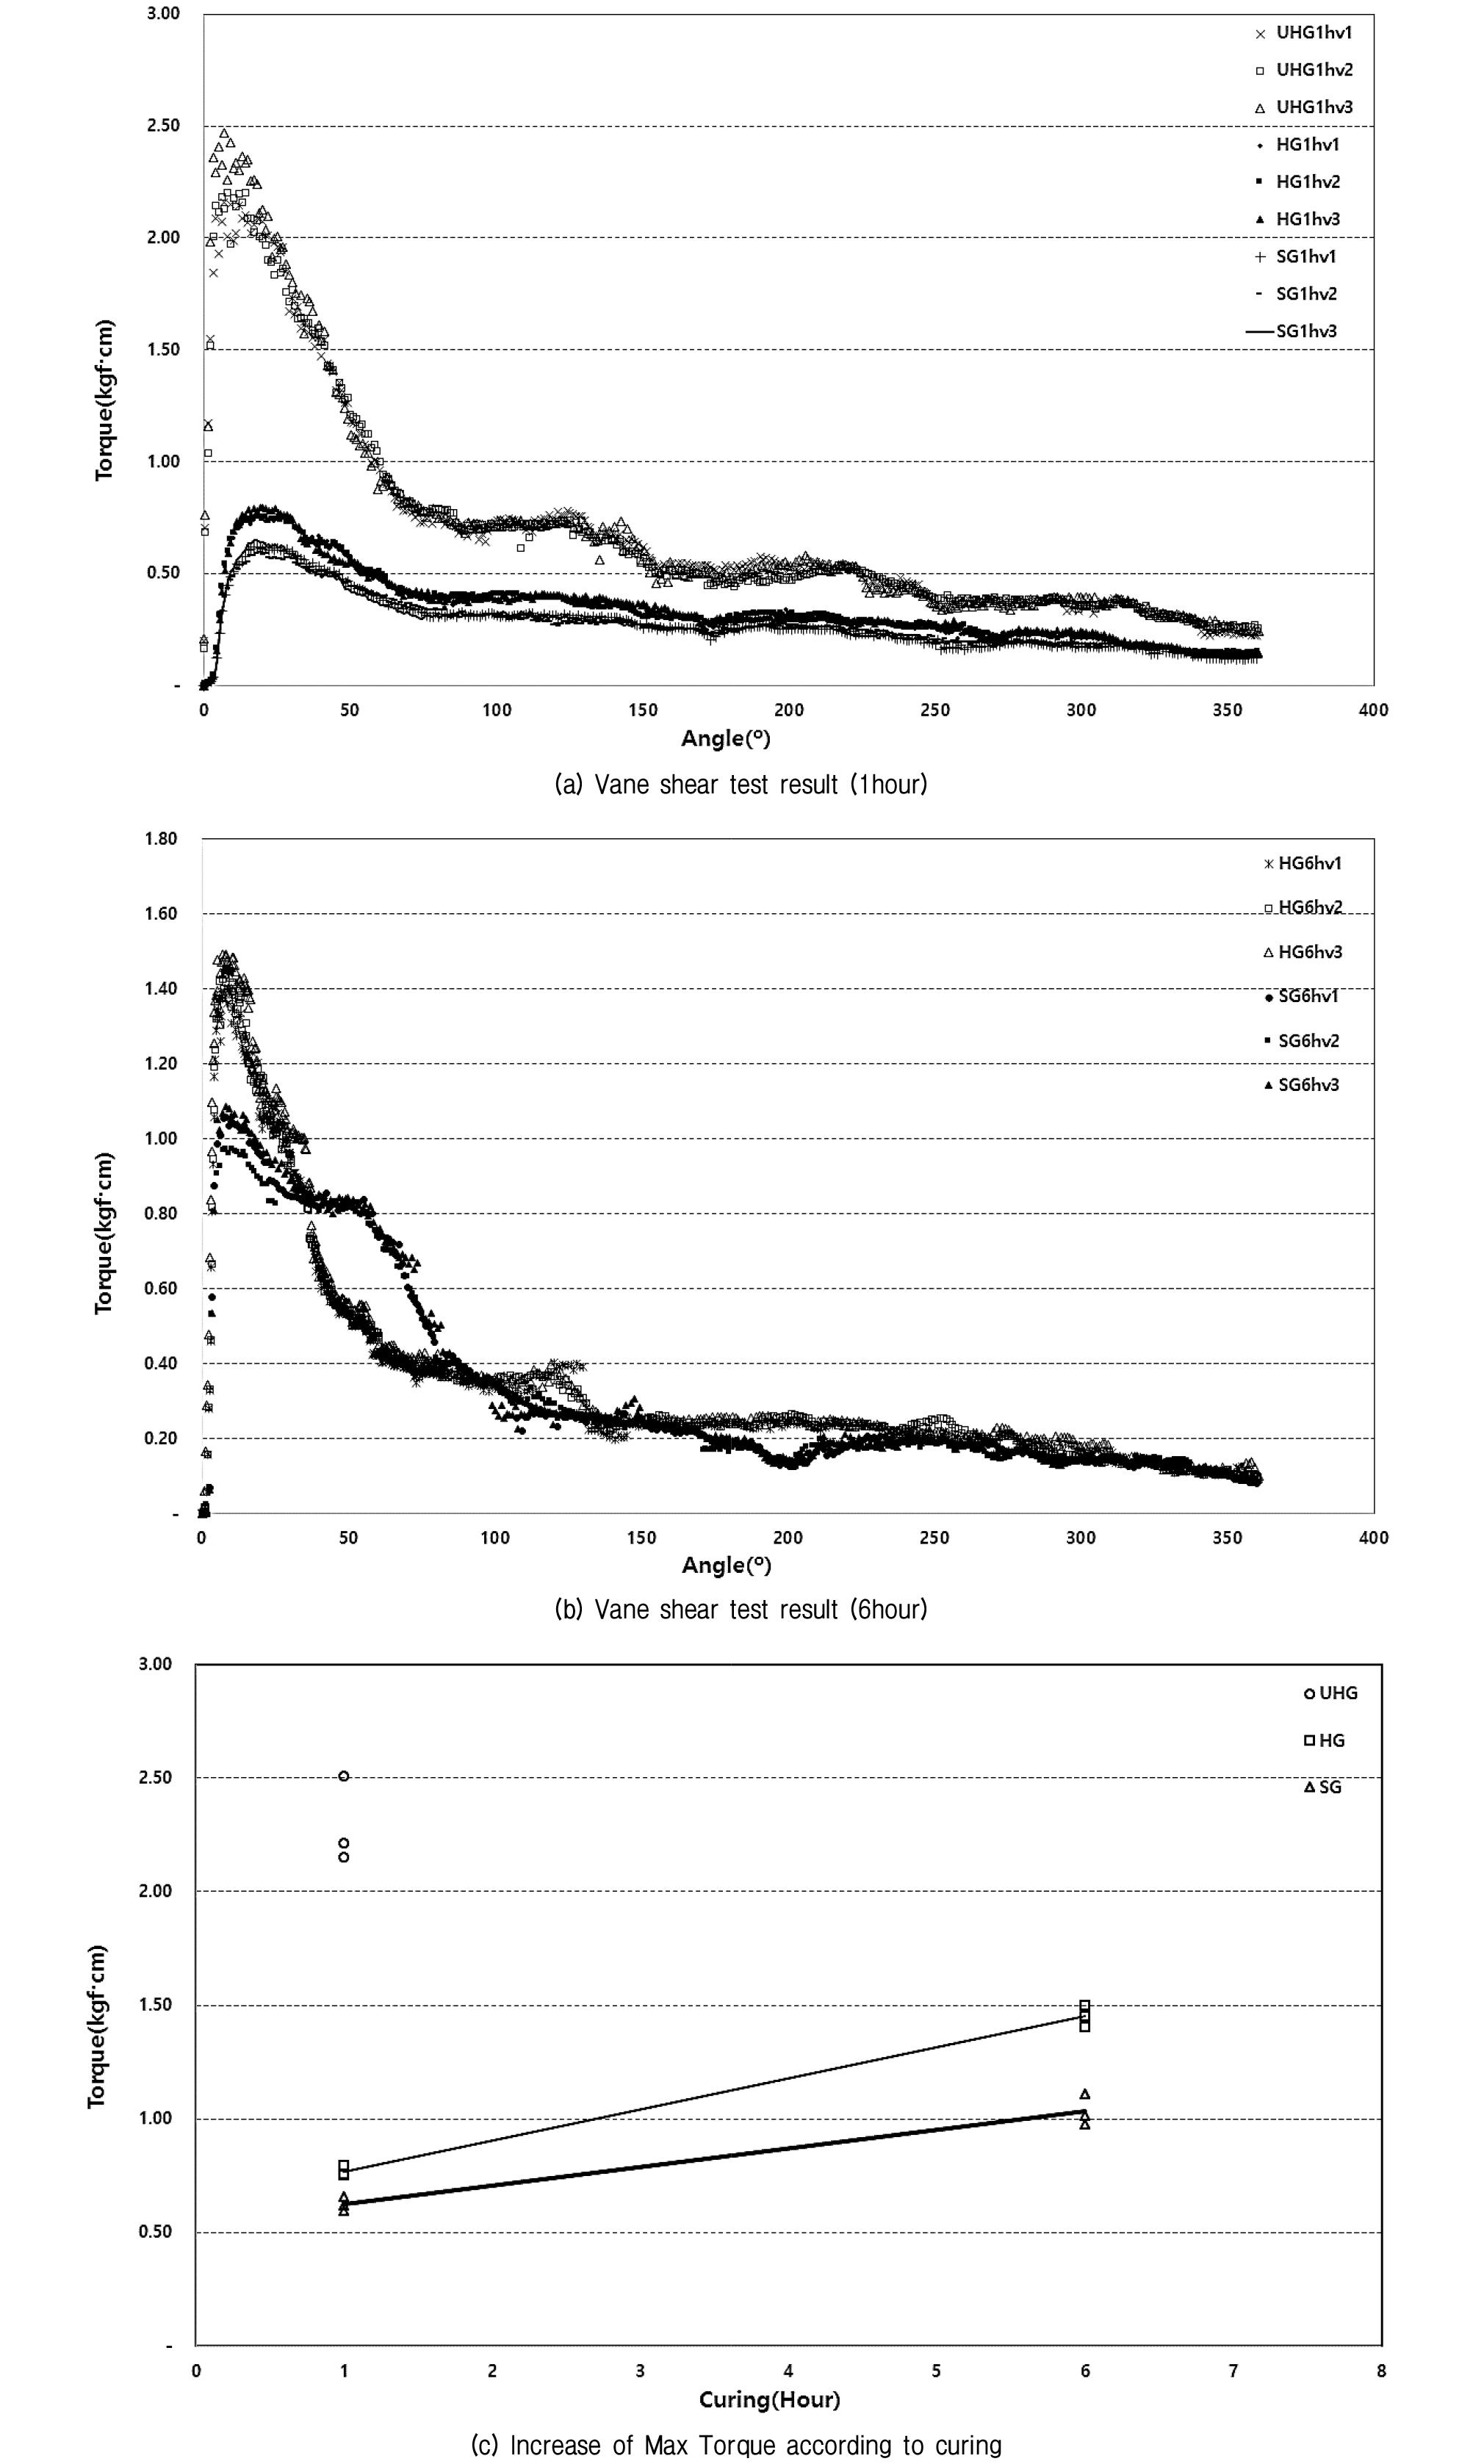 http://static.apub.kr/journalsite/sites/kgs/2020-036-09/N0990360903/images/kgs_36_09_03_F7.jpg